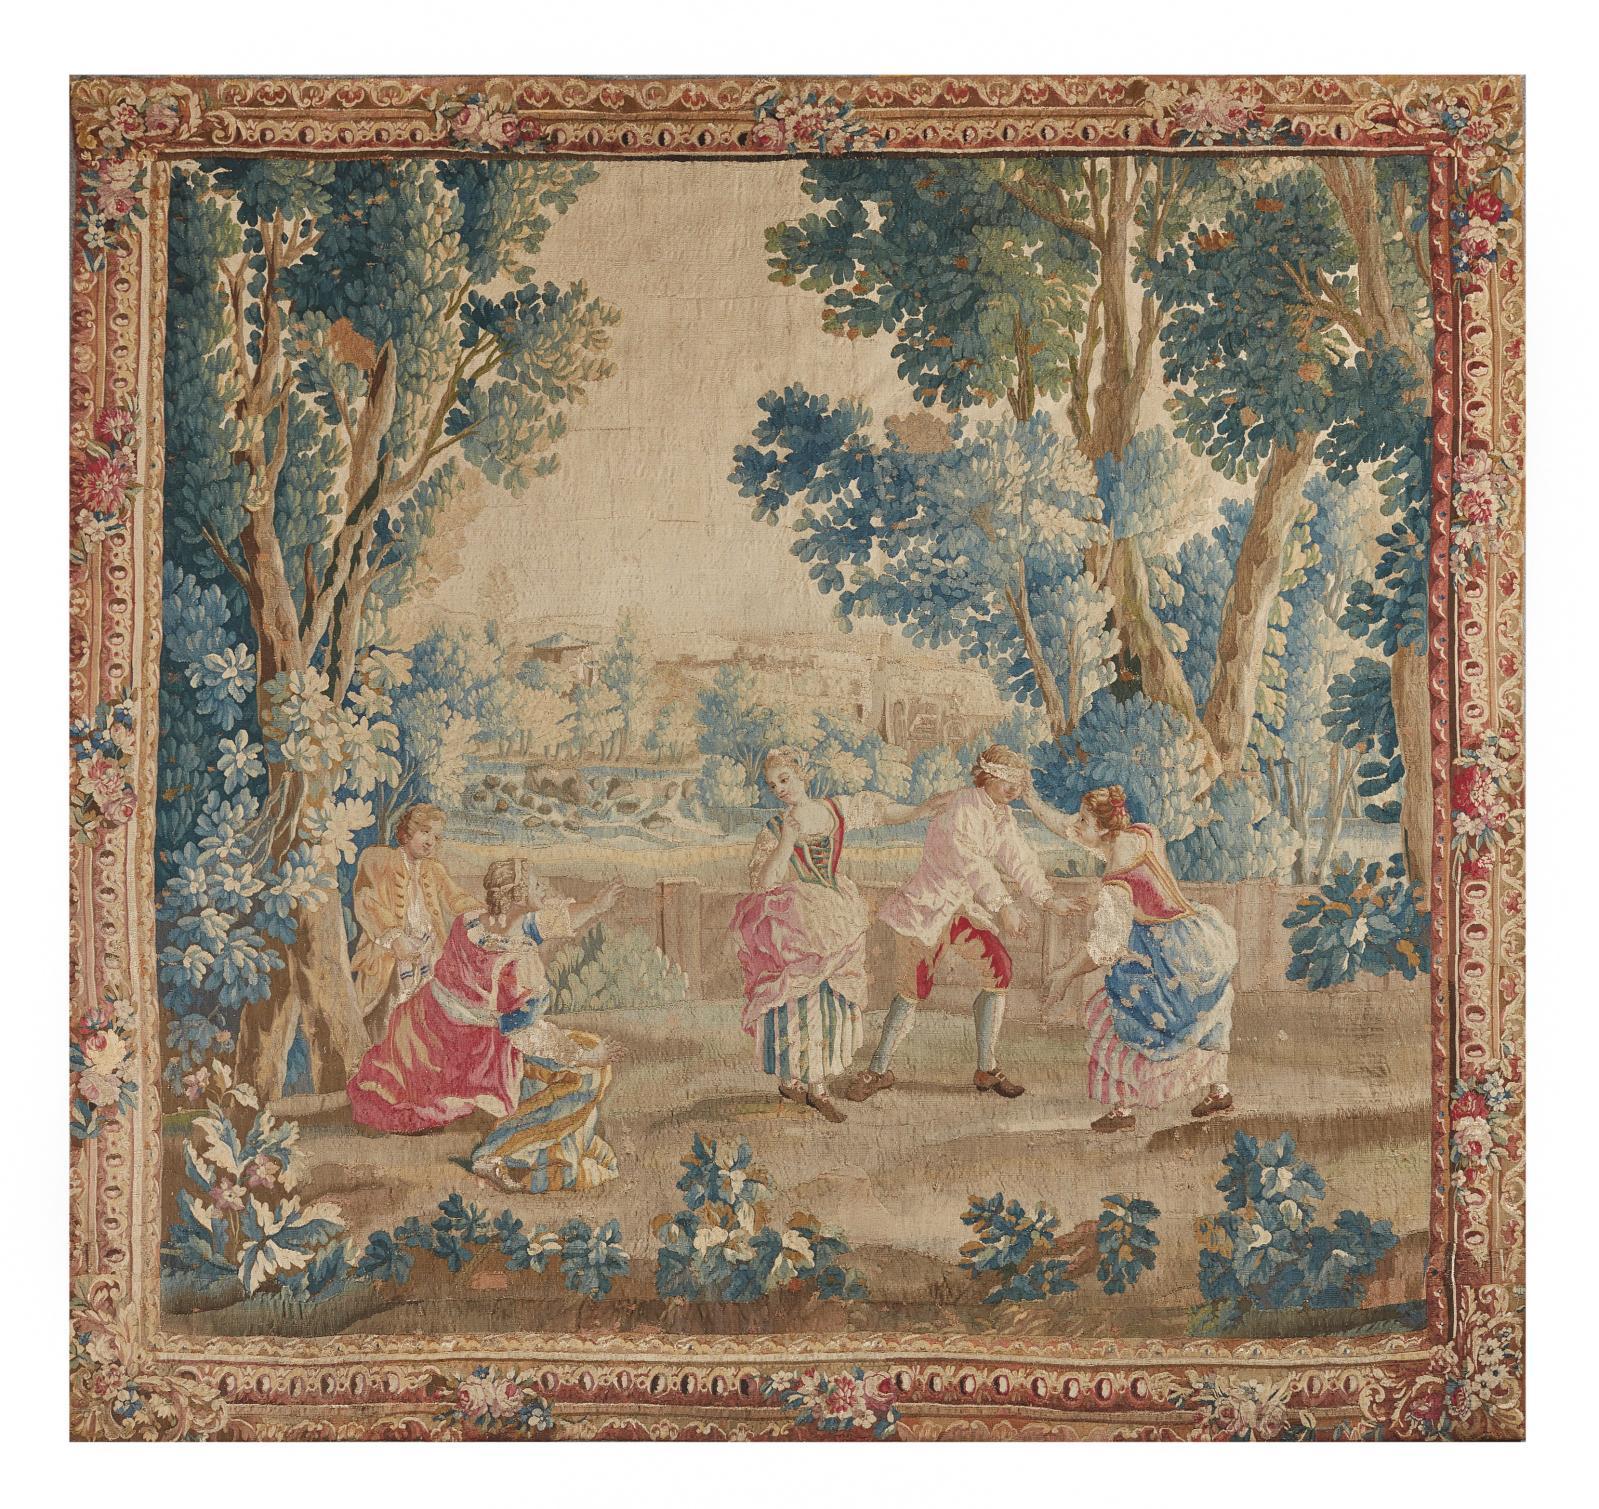 Manufacture royale d'Aubusson, seconde moitié du XVIIIesiècle. Colin-Maillard, tapisserie en laine et soie faisant partie des «Amusements